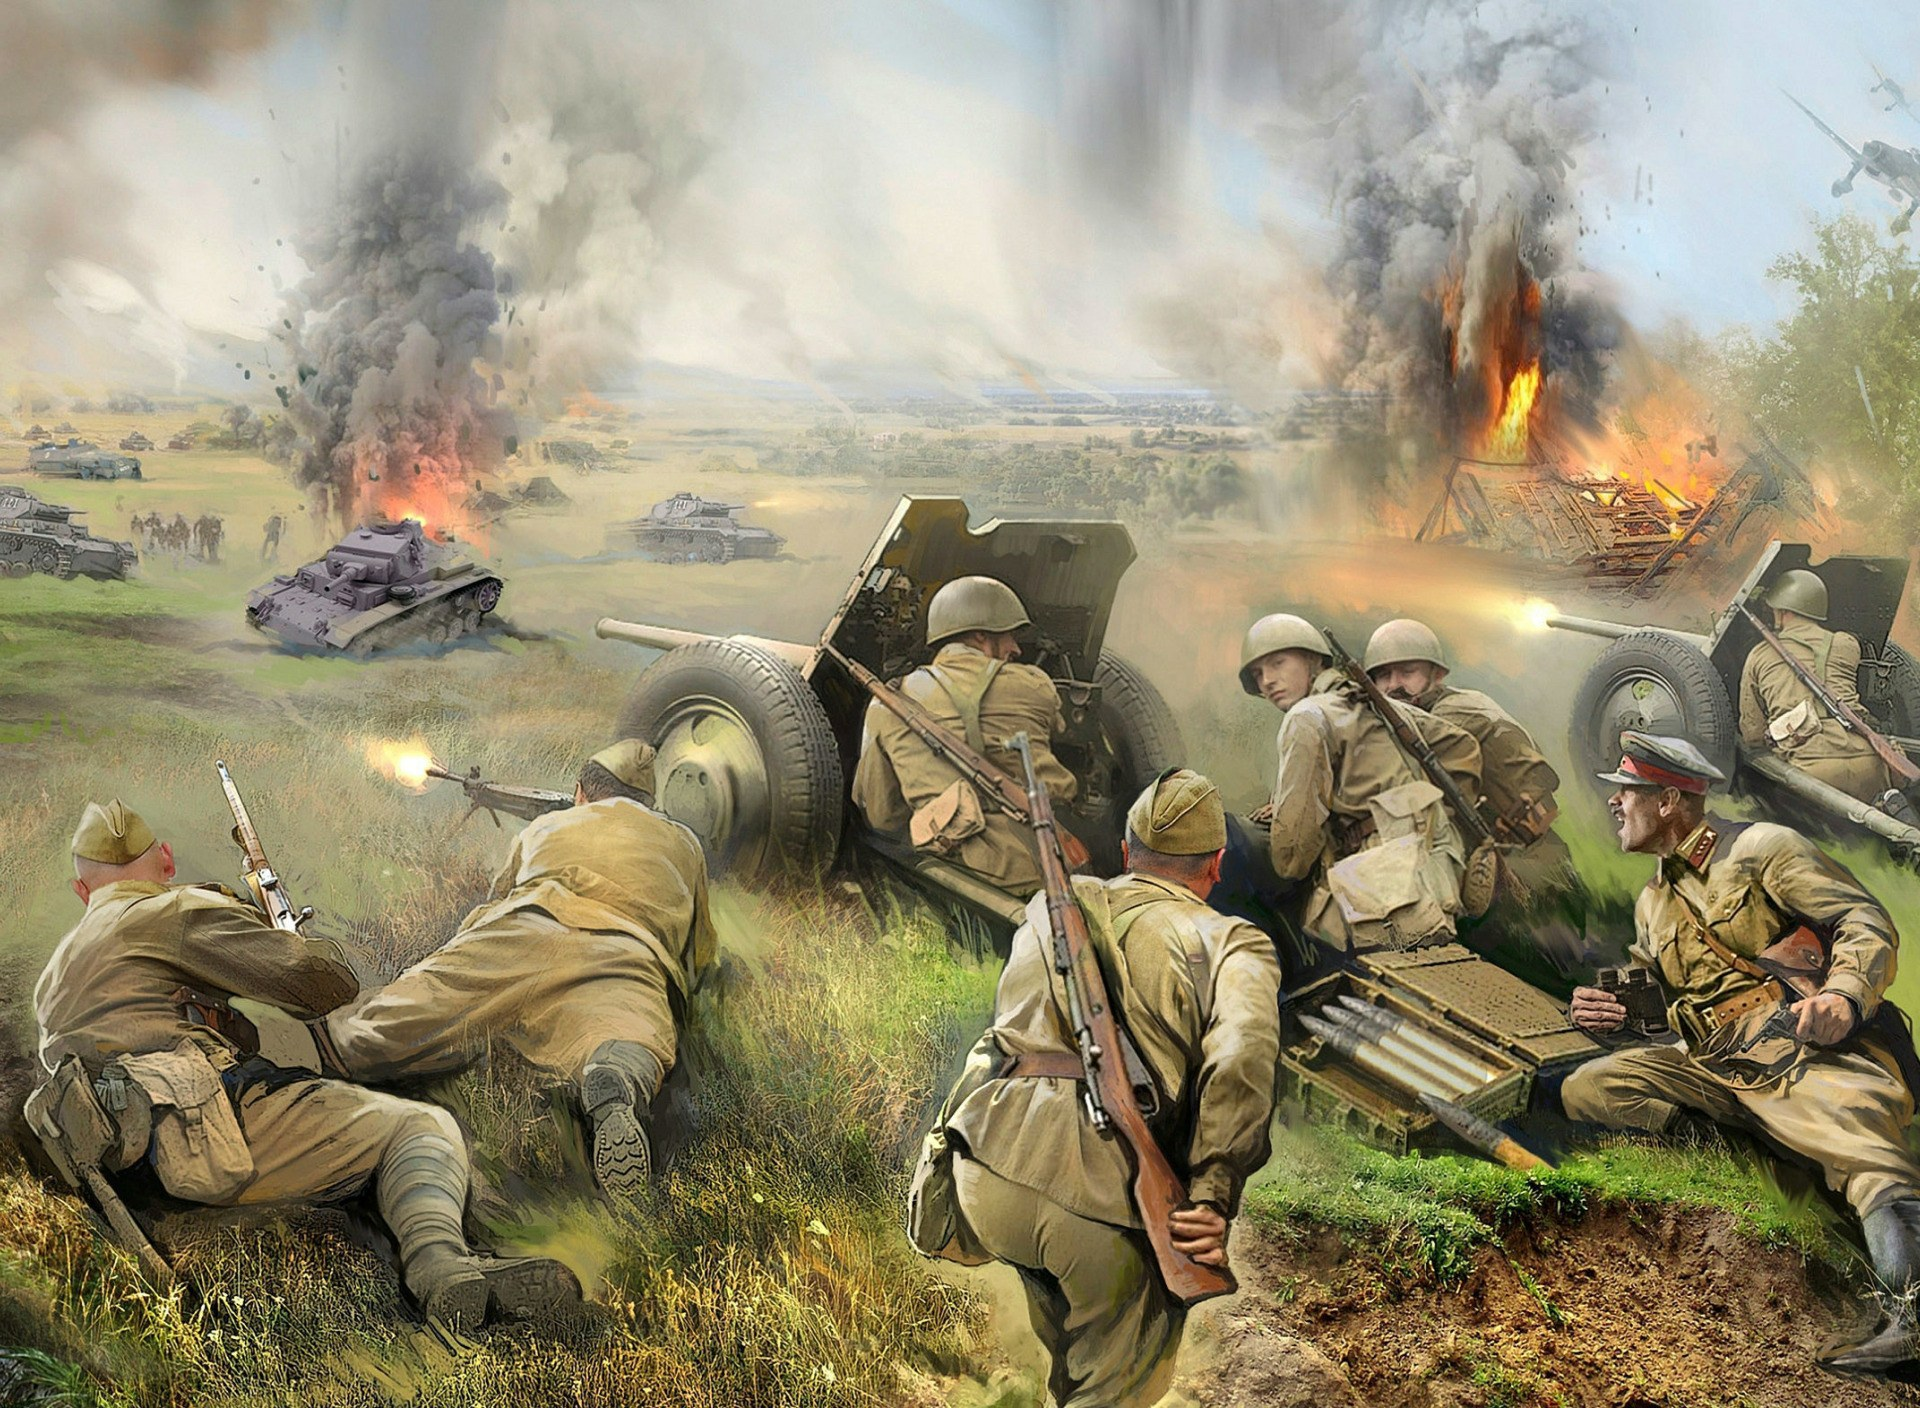 картинки на военную тему 1941-1945 помню